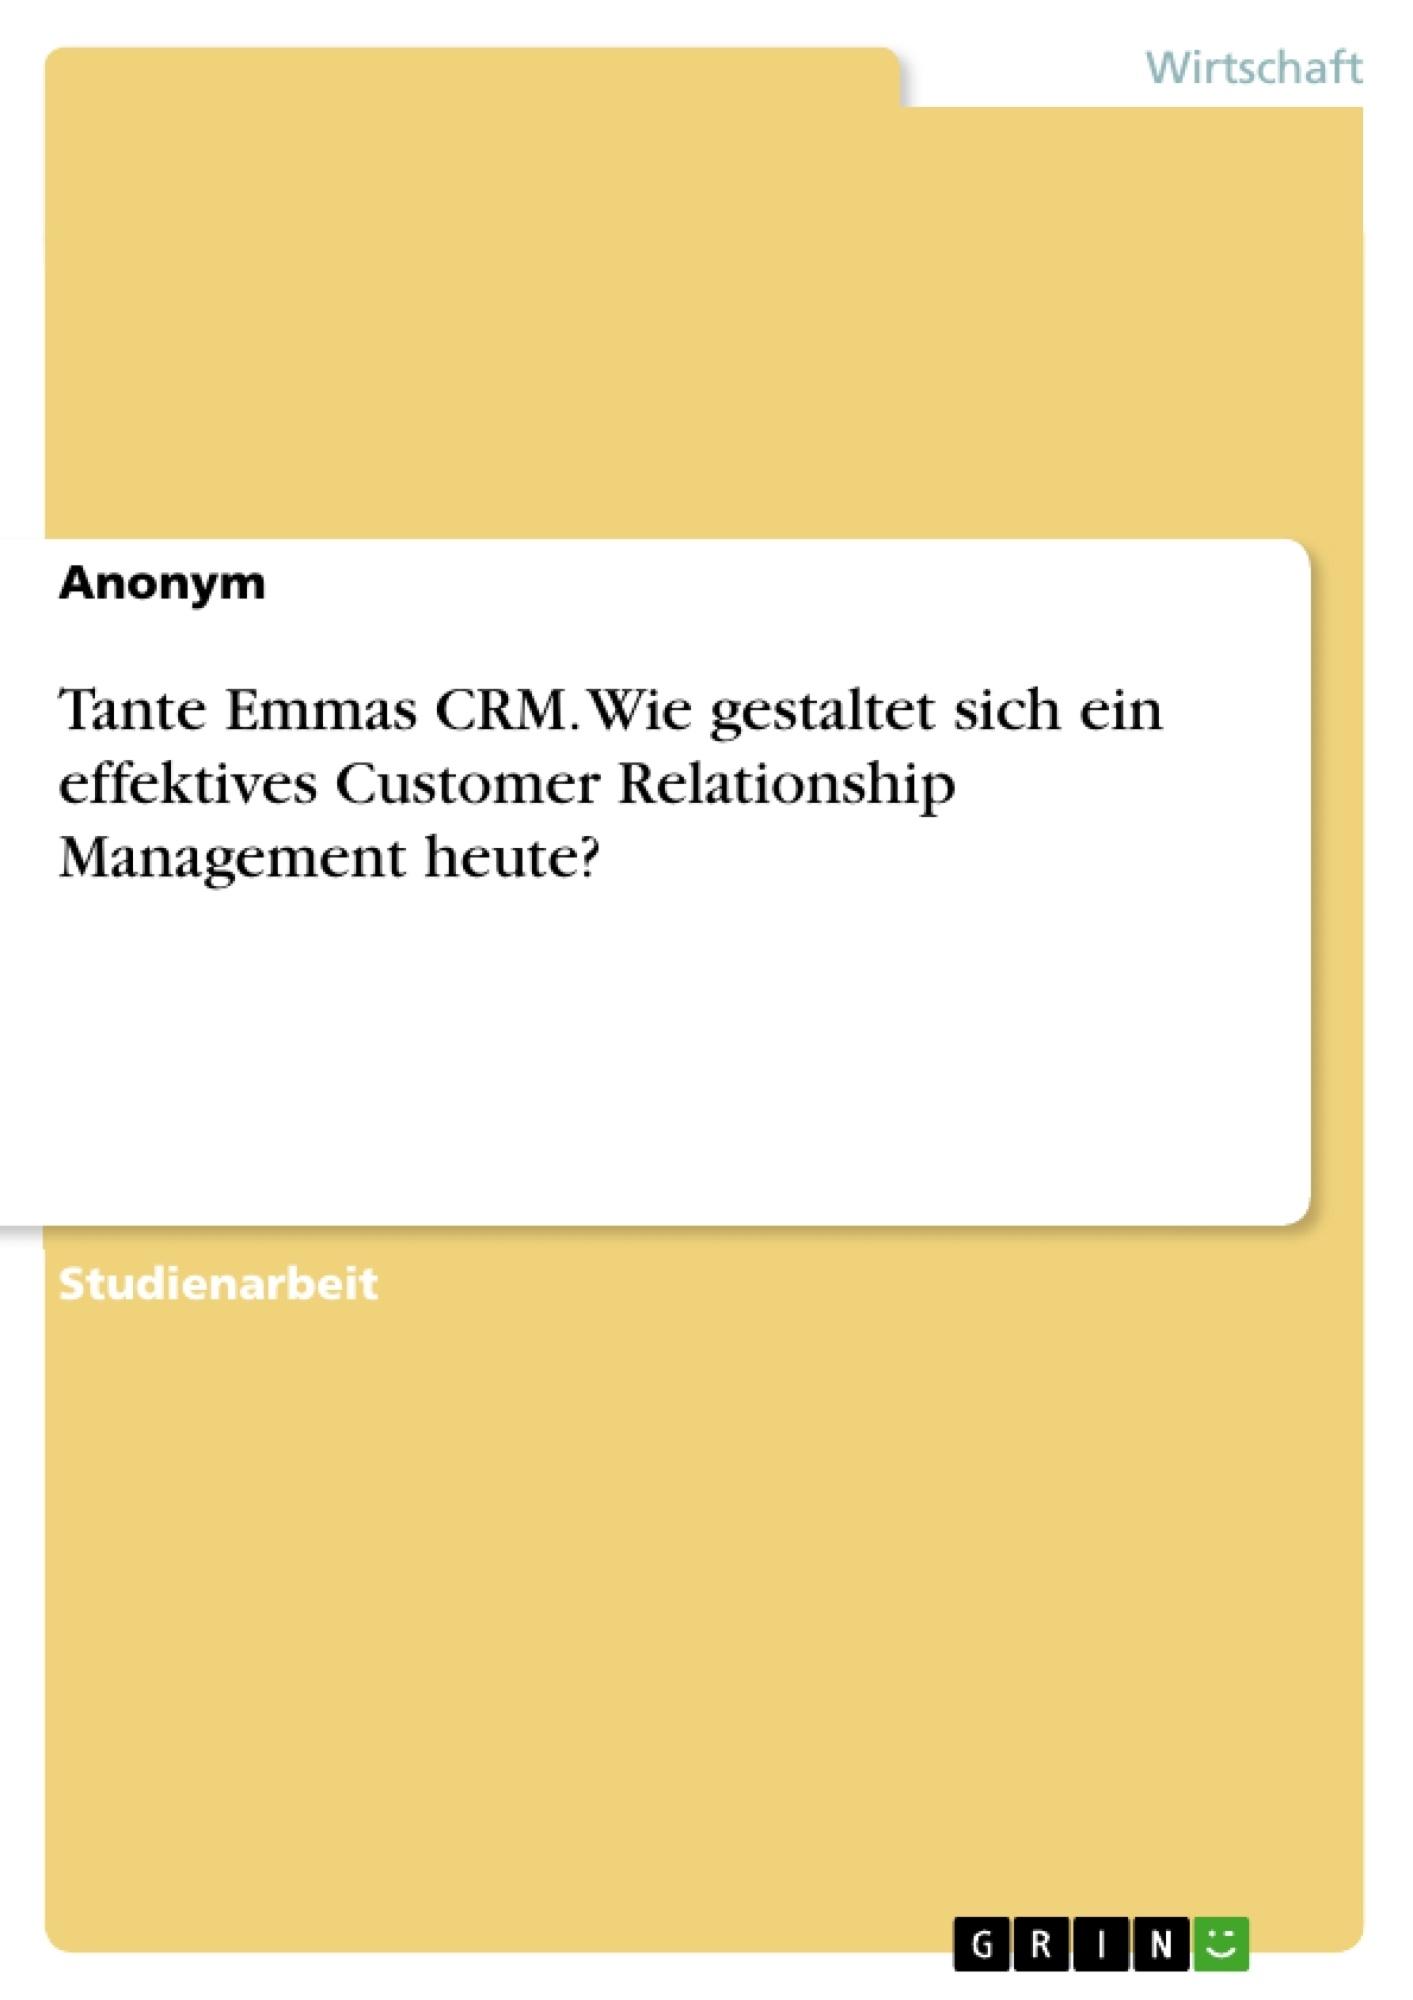 Titel: Tante Emmas CRM. Wie gestaltet sich ein effektives Customer Relationship Management heute?